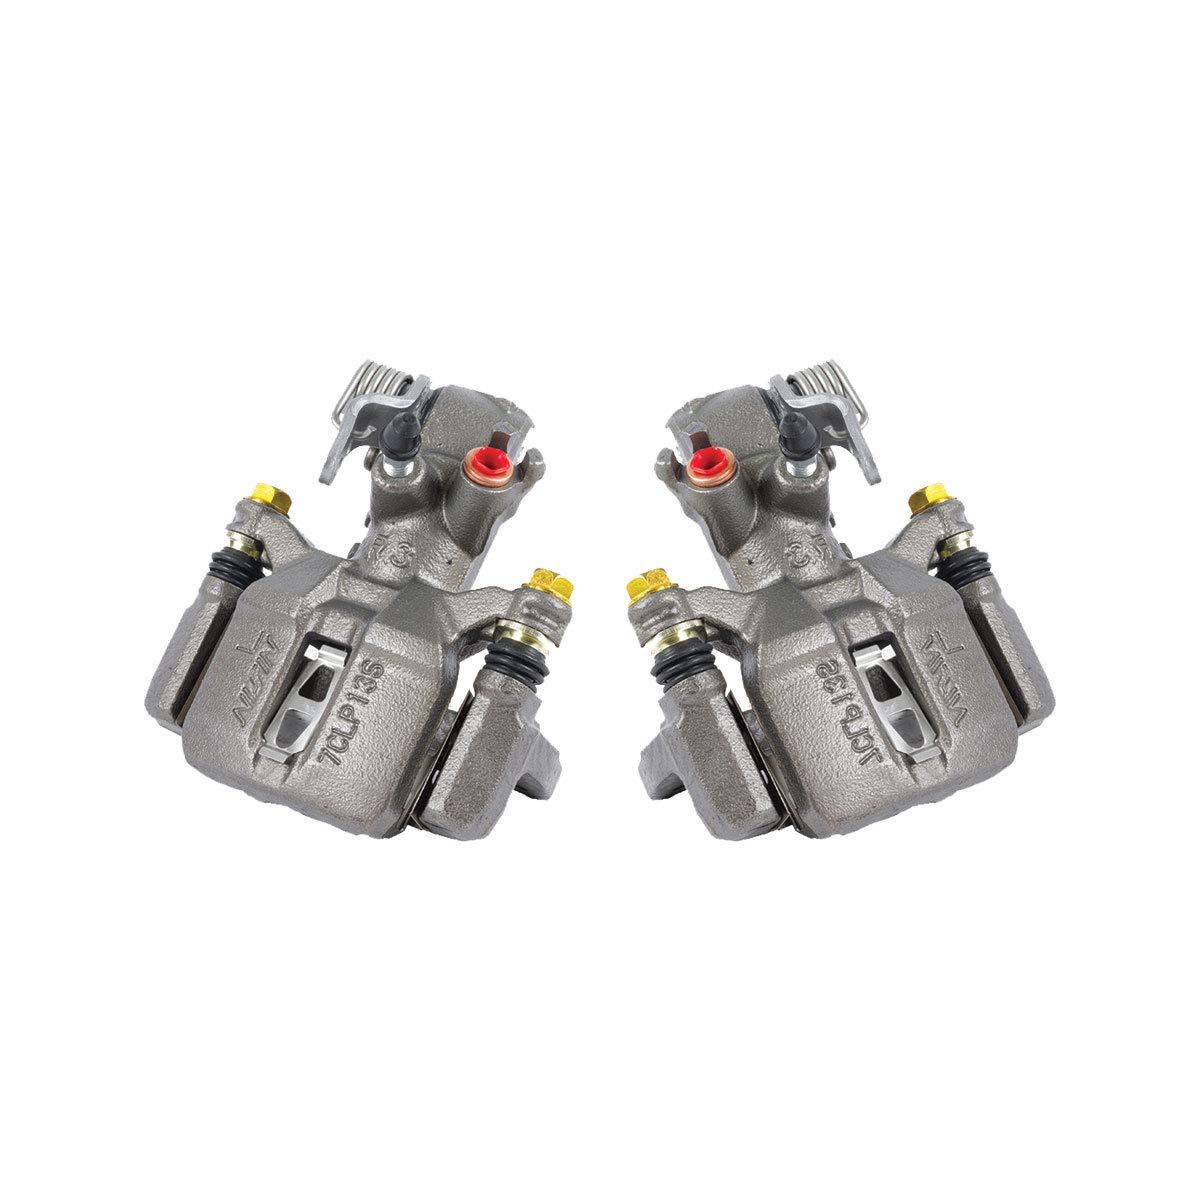 CKOE01000 [ 2 ] REAR Premium Grade OE Semi-Loaded Caliper Assembly Pair Set Callahan Brake Parts